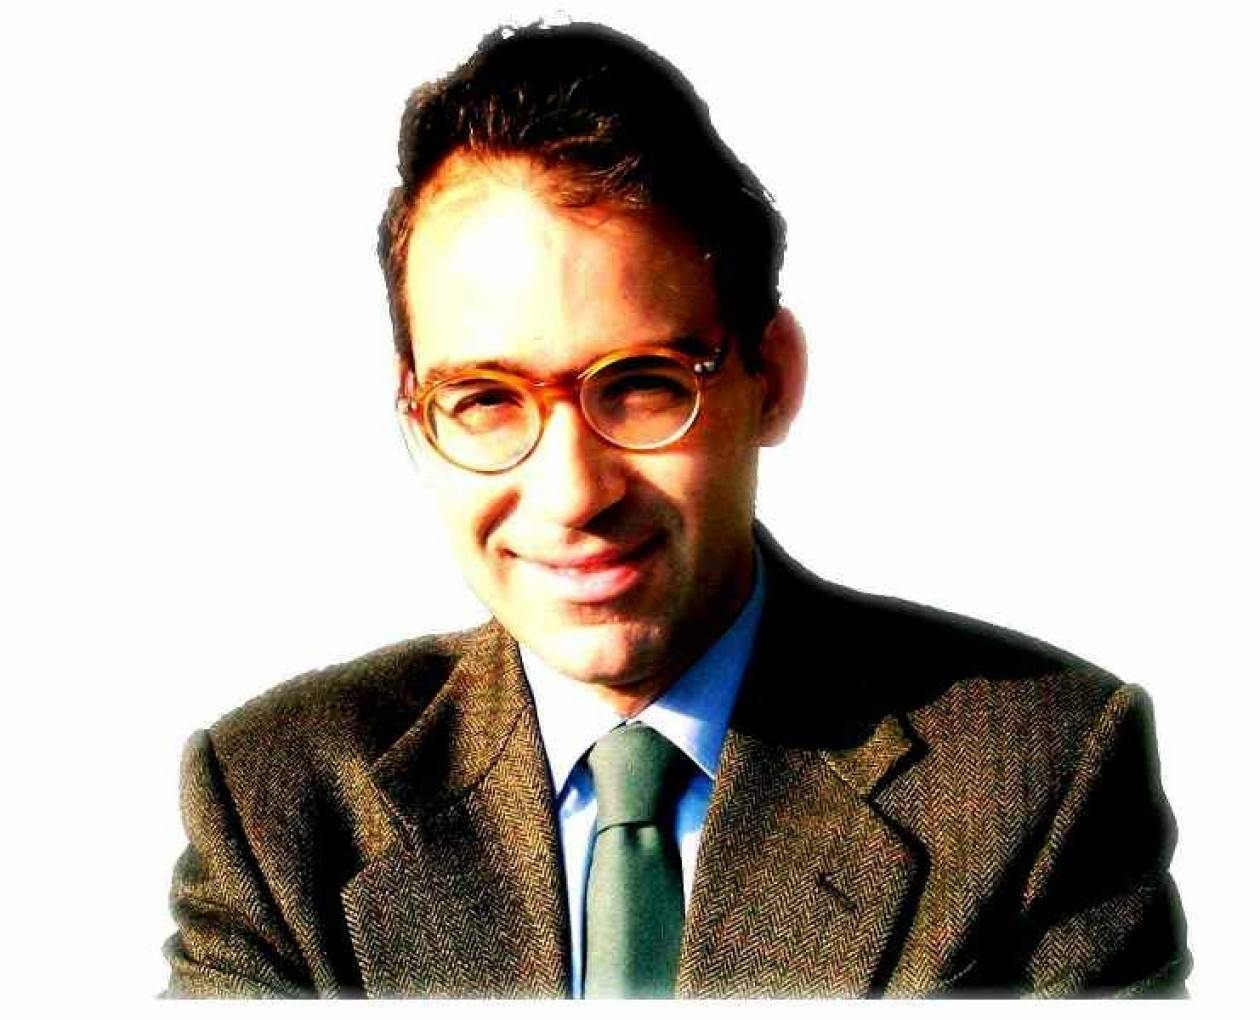 Γ. Παγουλάτος: Ο επικρατέστερος για κυβερνητικός εκπρόσωπος